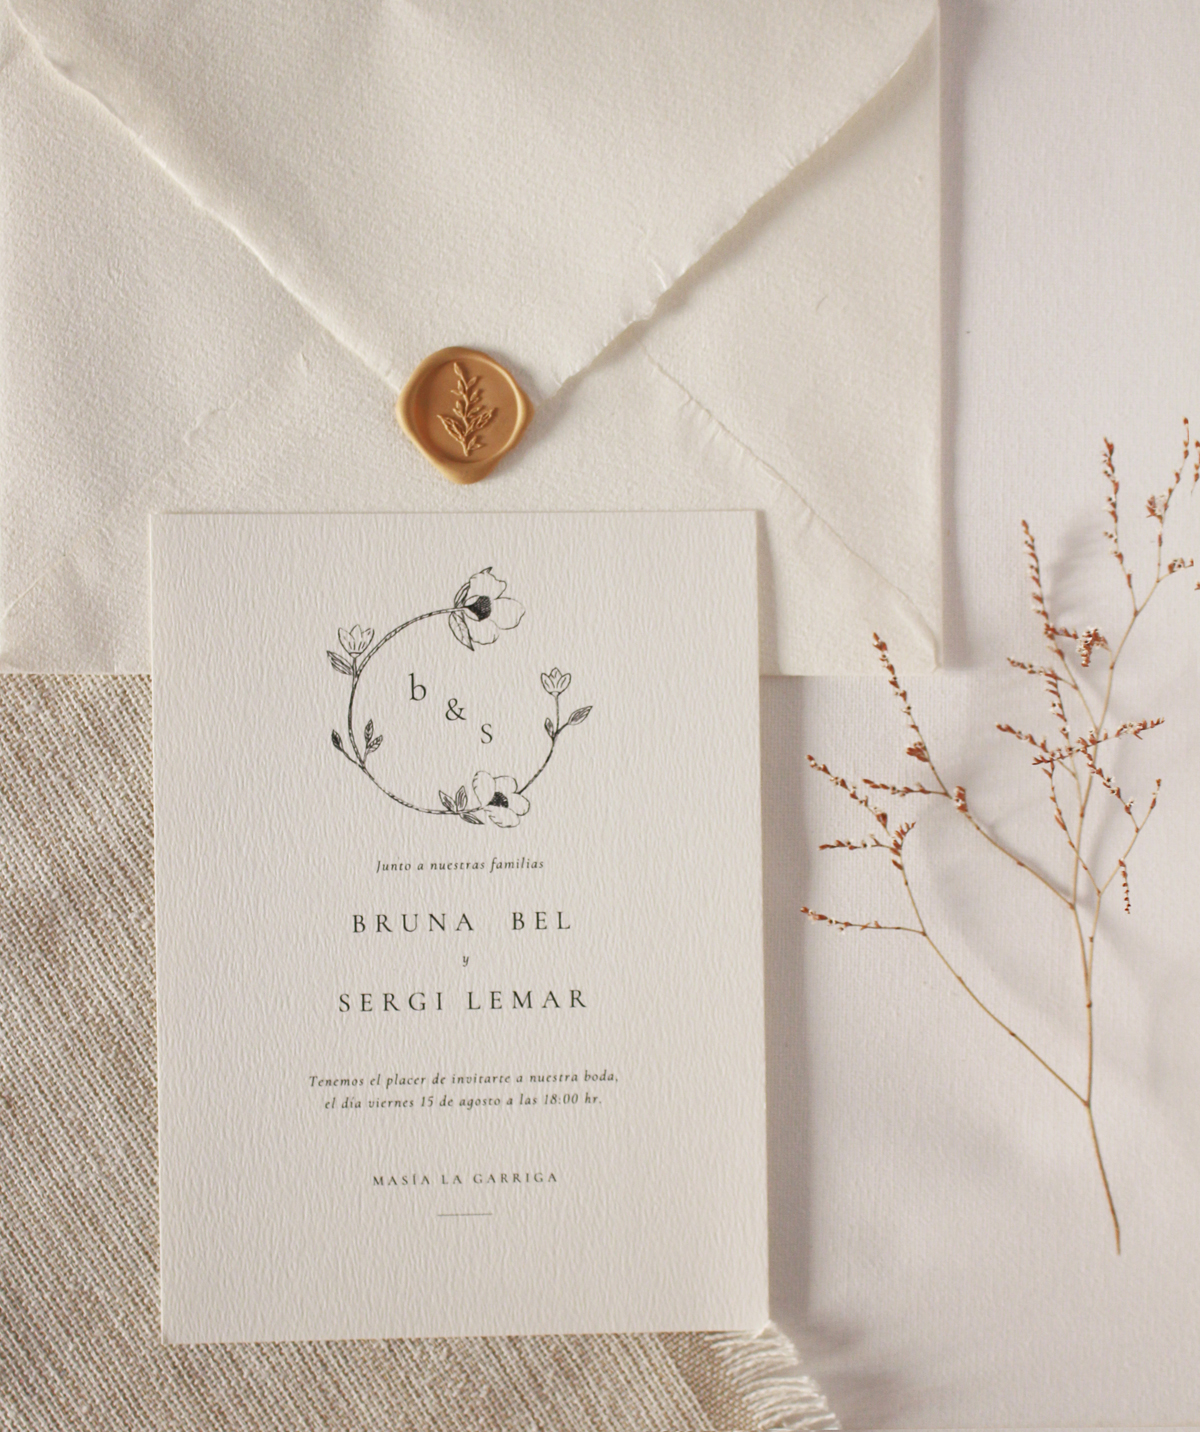 Invitación en papel verjurado de 300 gramos